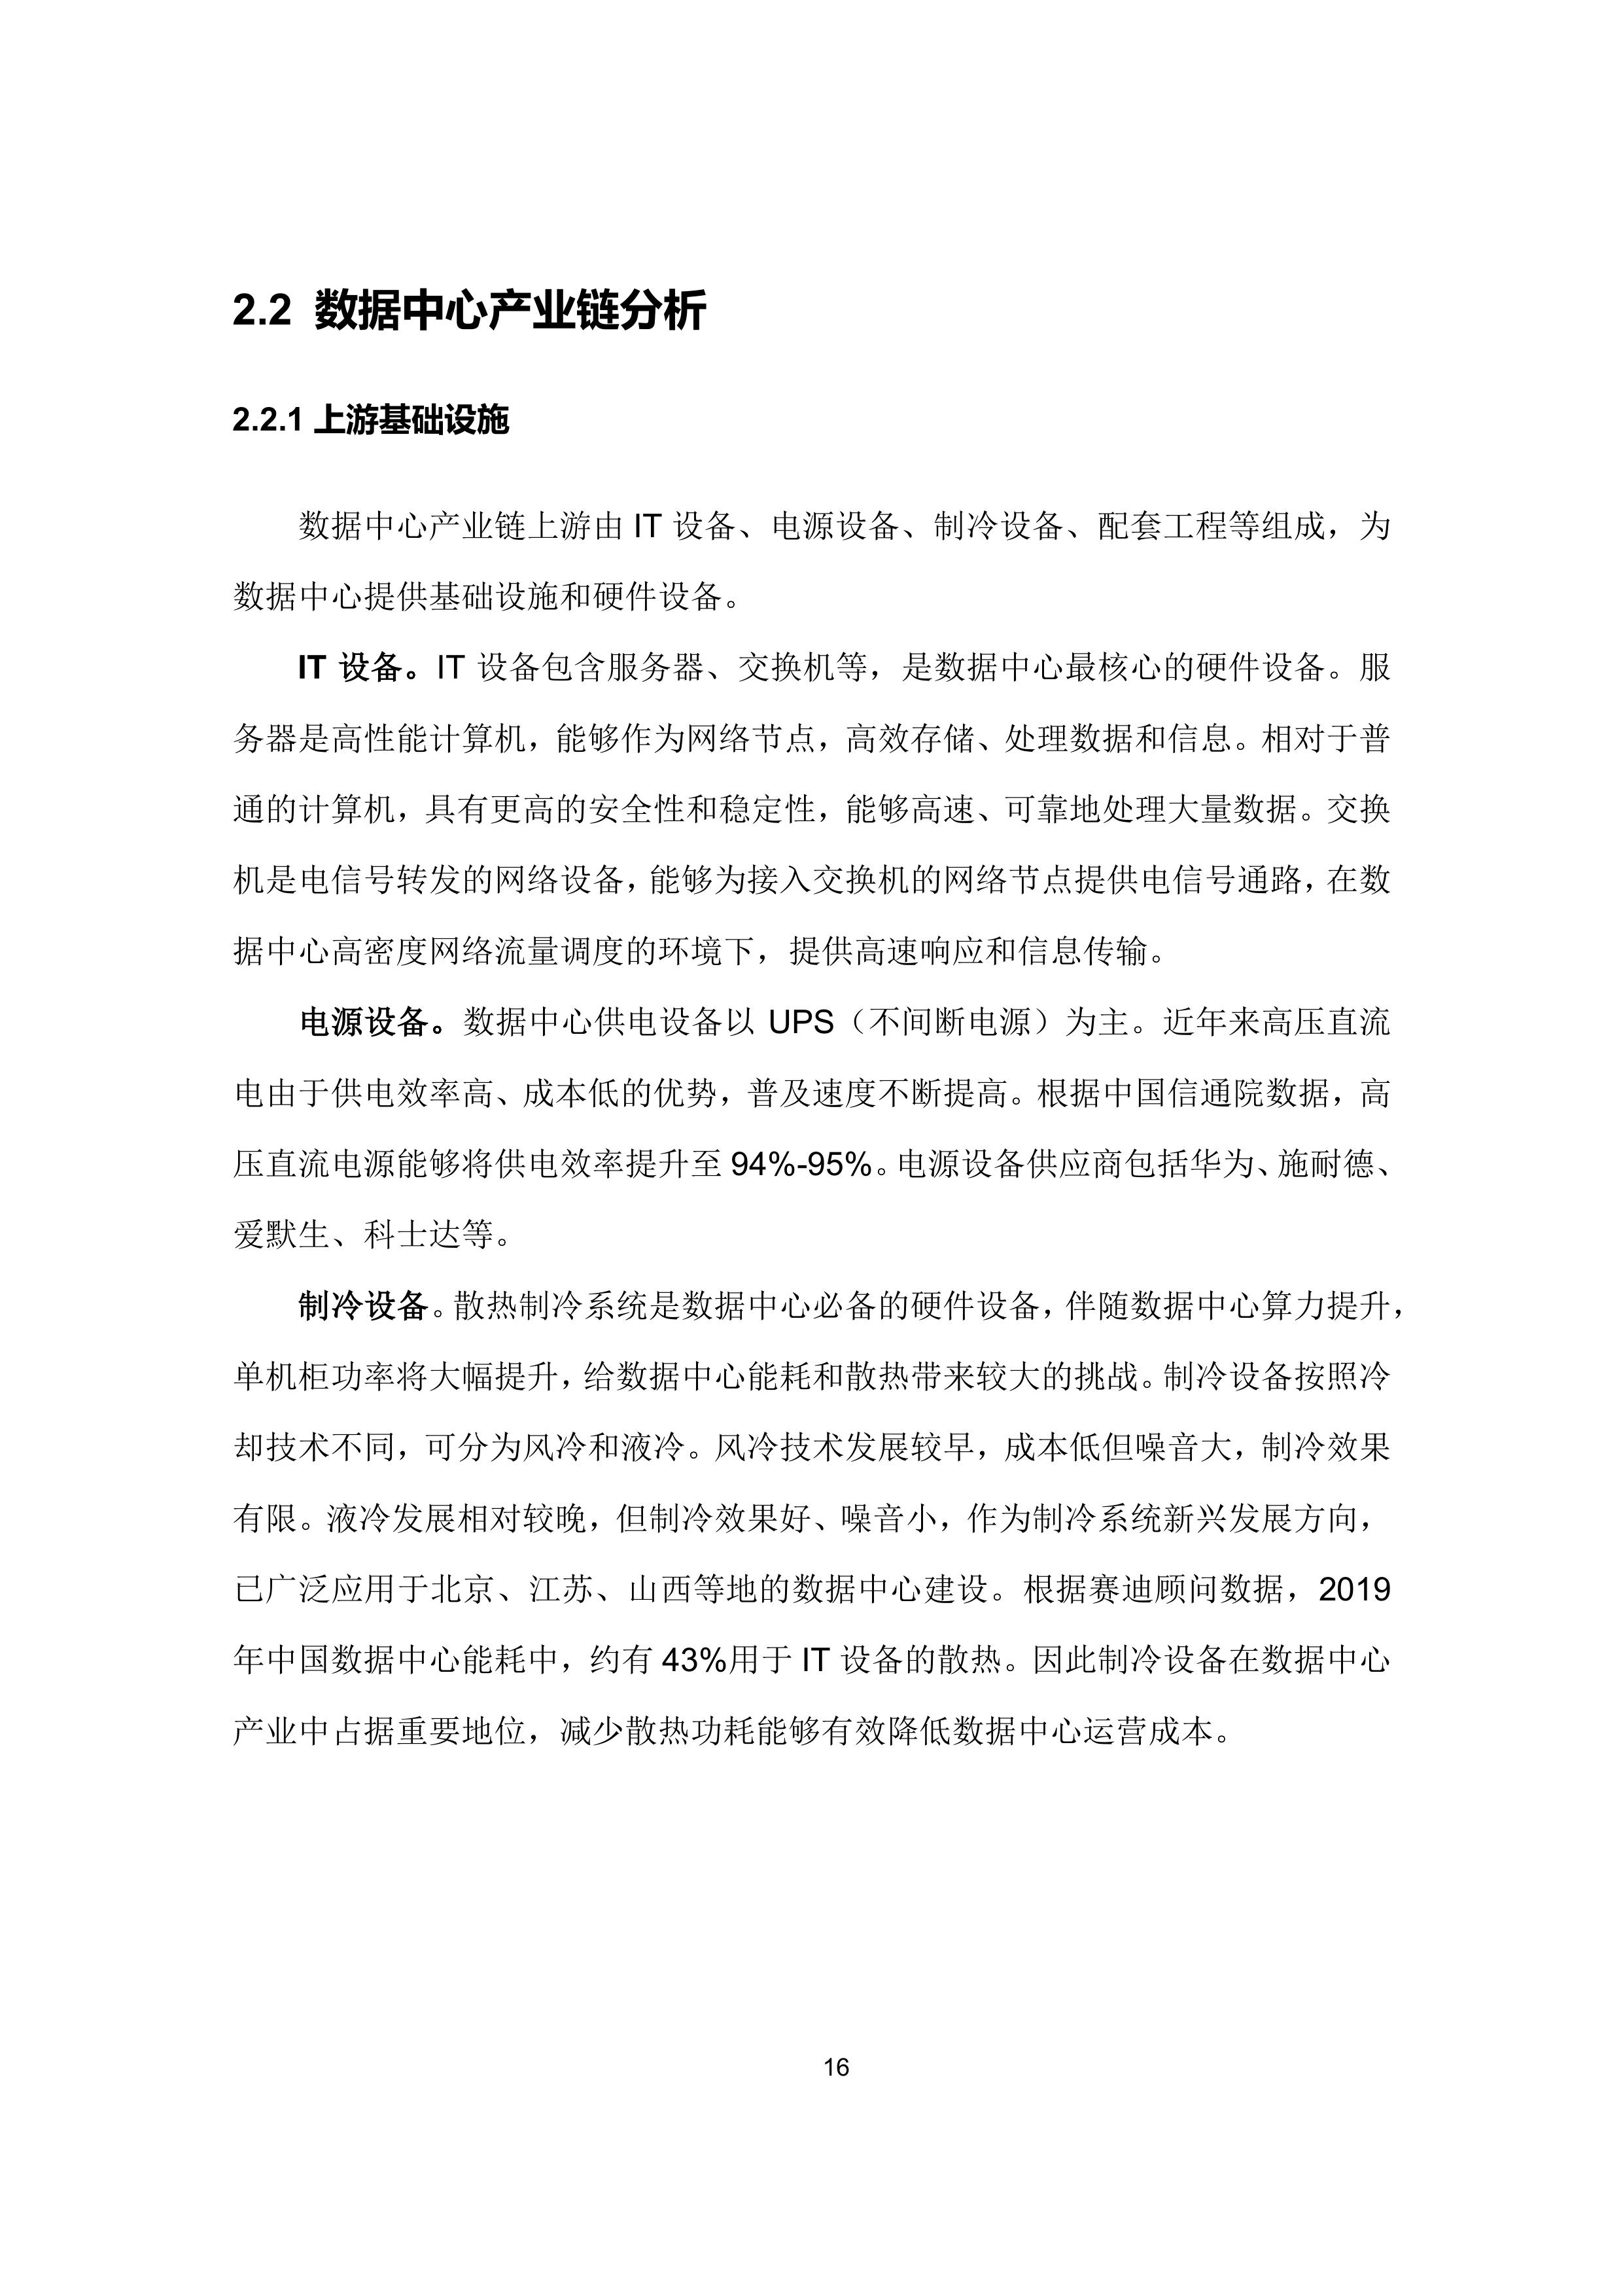 36氪研究院 - 新基建系列之:2020年中国城市数据中心发展指数报告-大菠萝官网(图27)